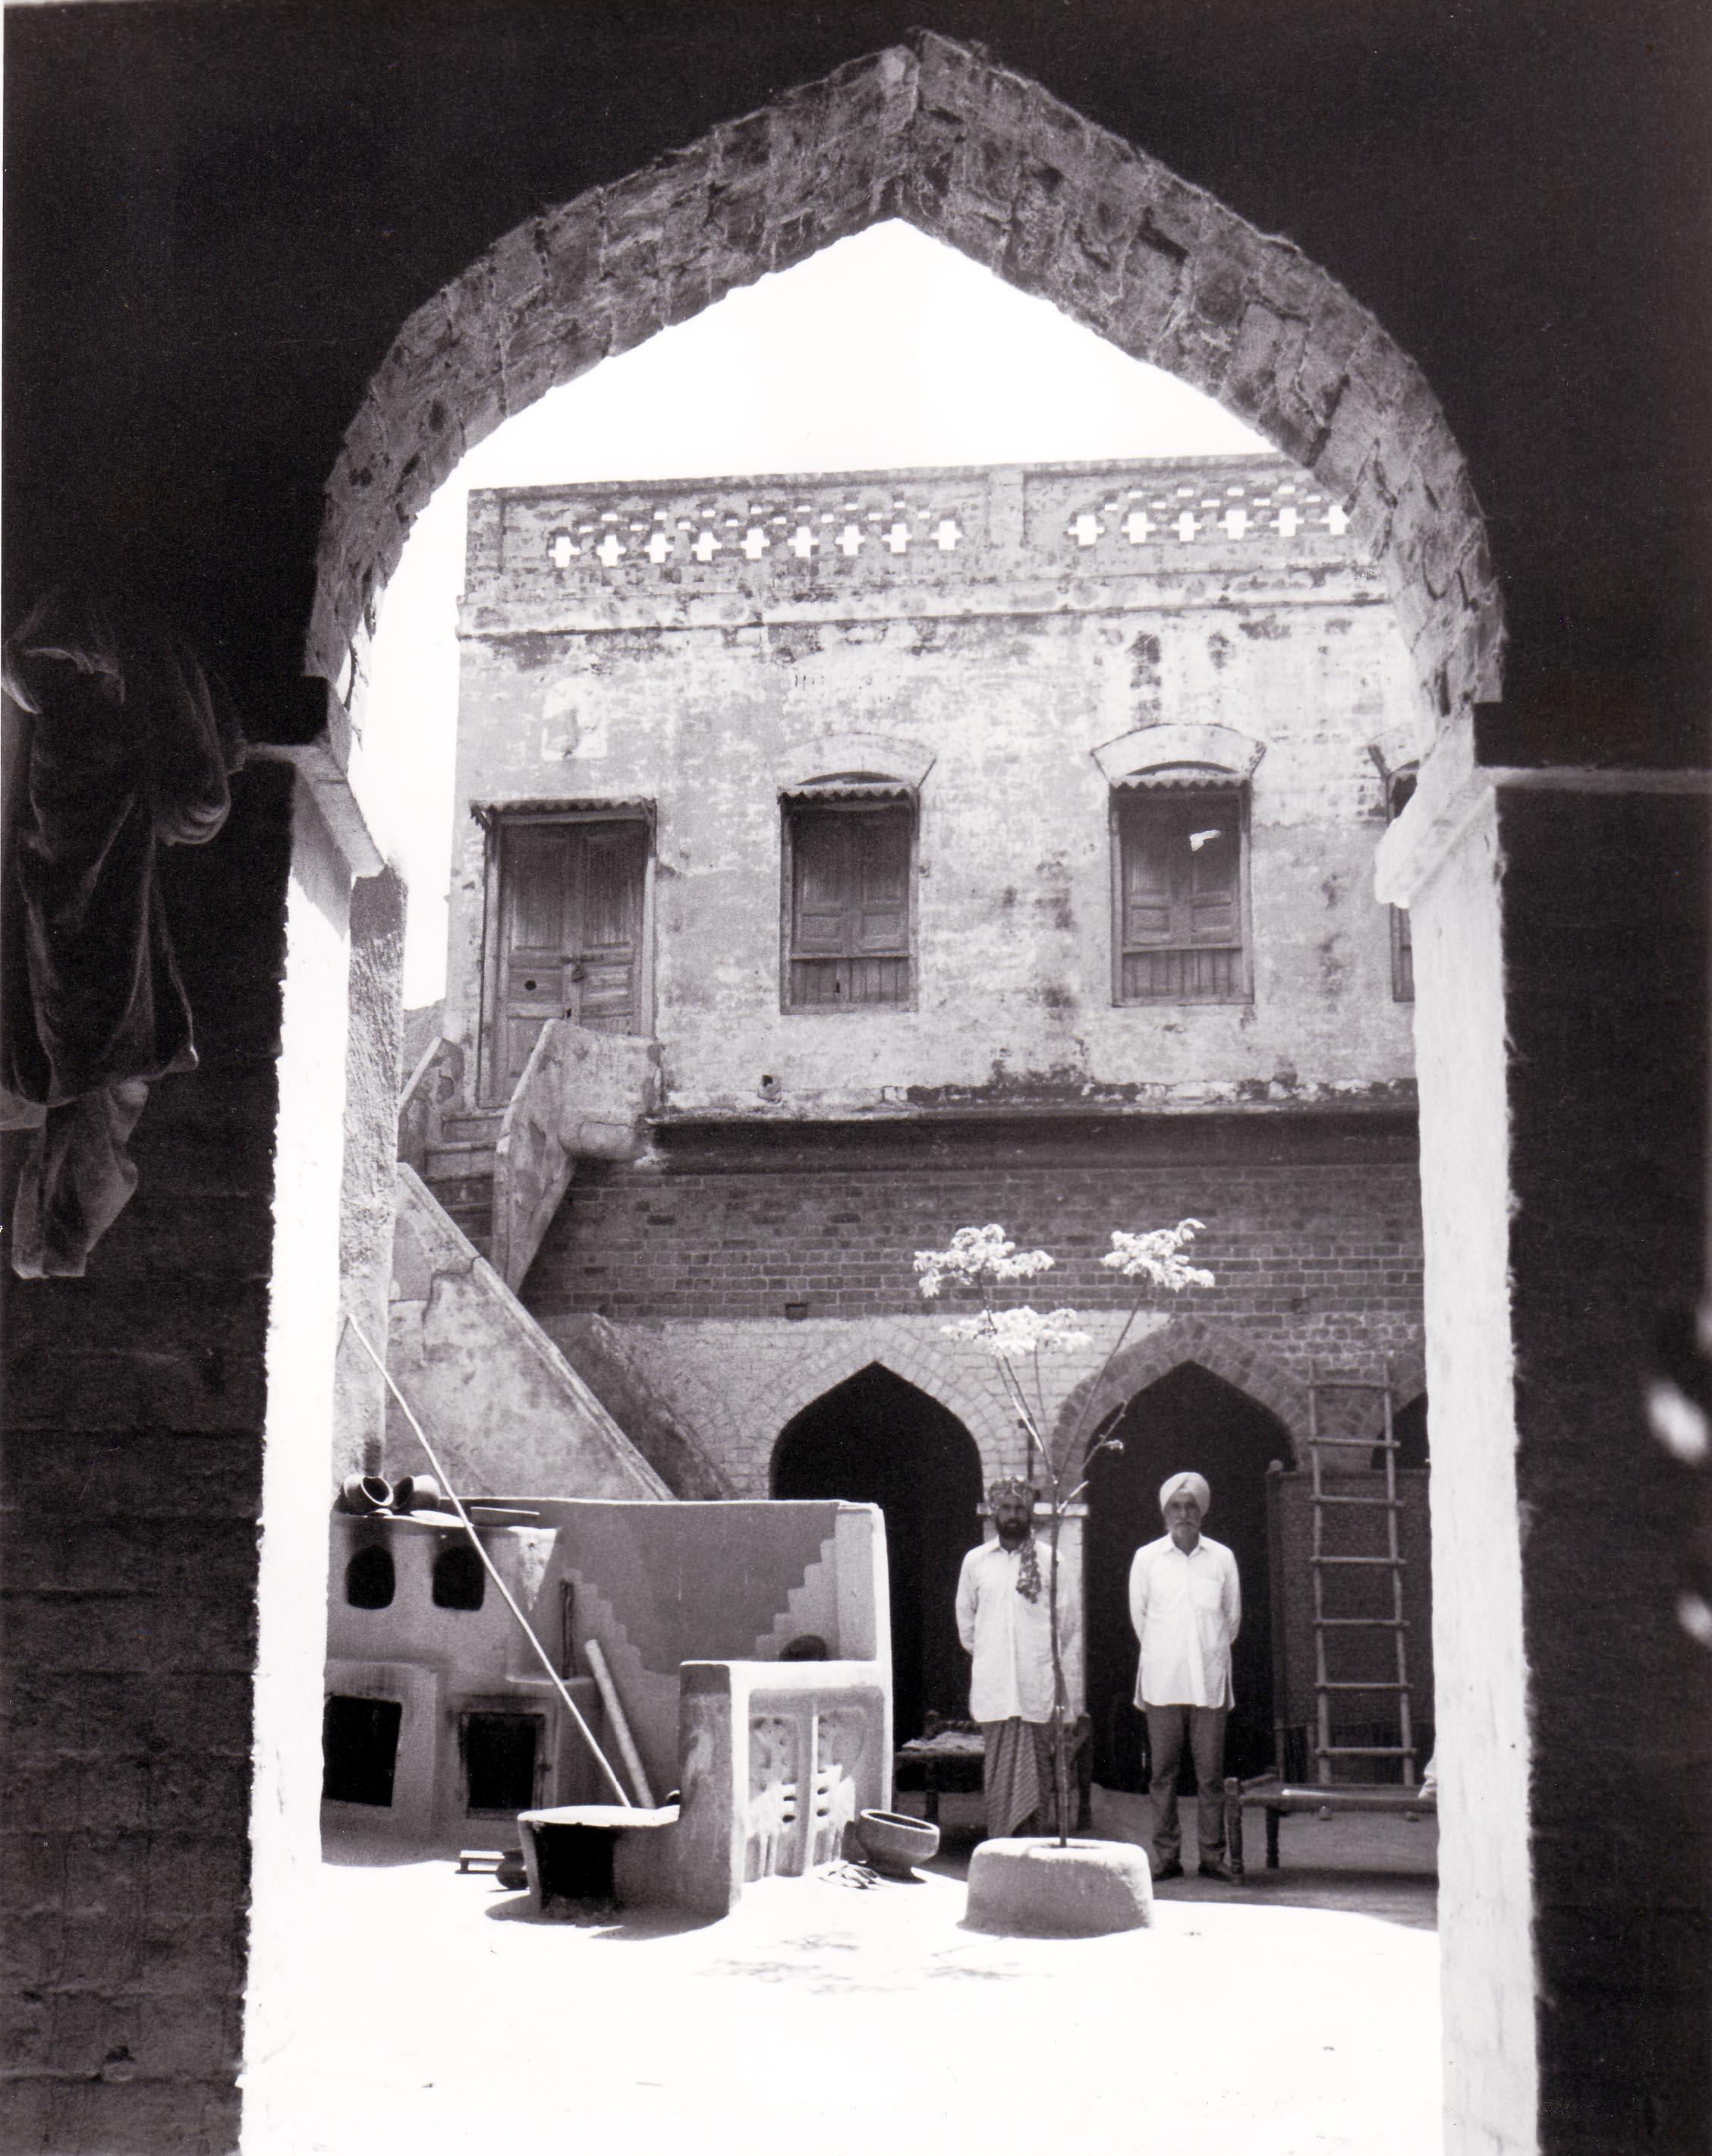 East Punjab, 1978